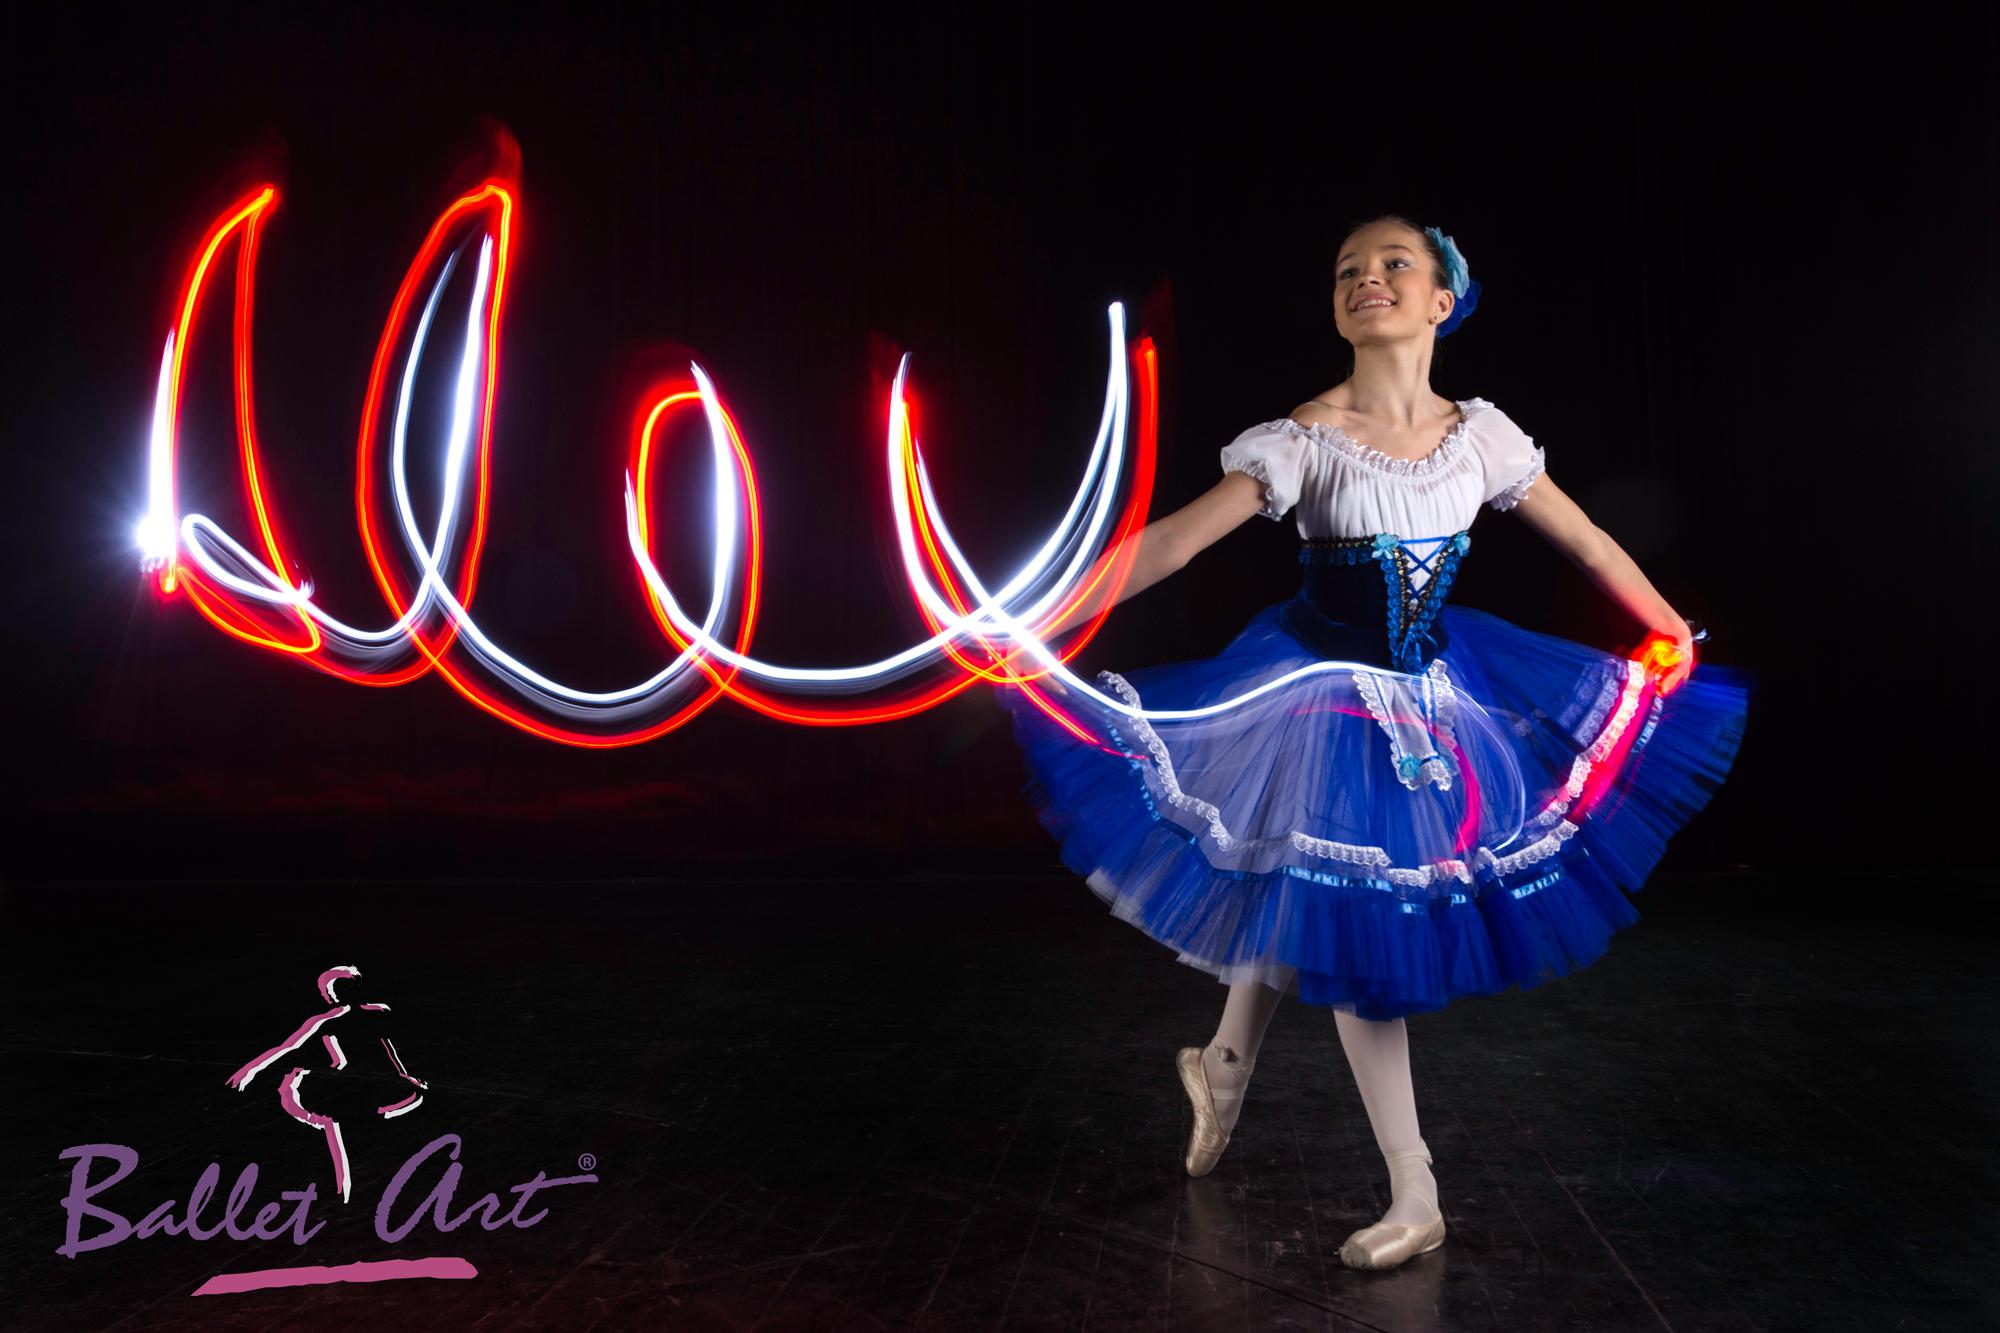 Academia de Dans Ballet Art, în cele mai importante publicații de artă vizuală